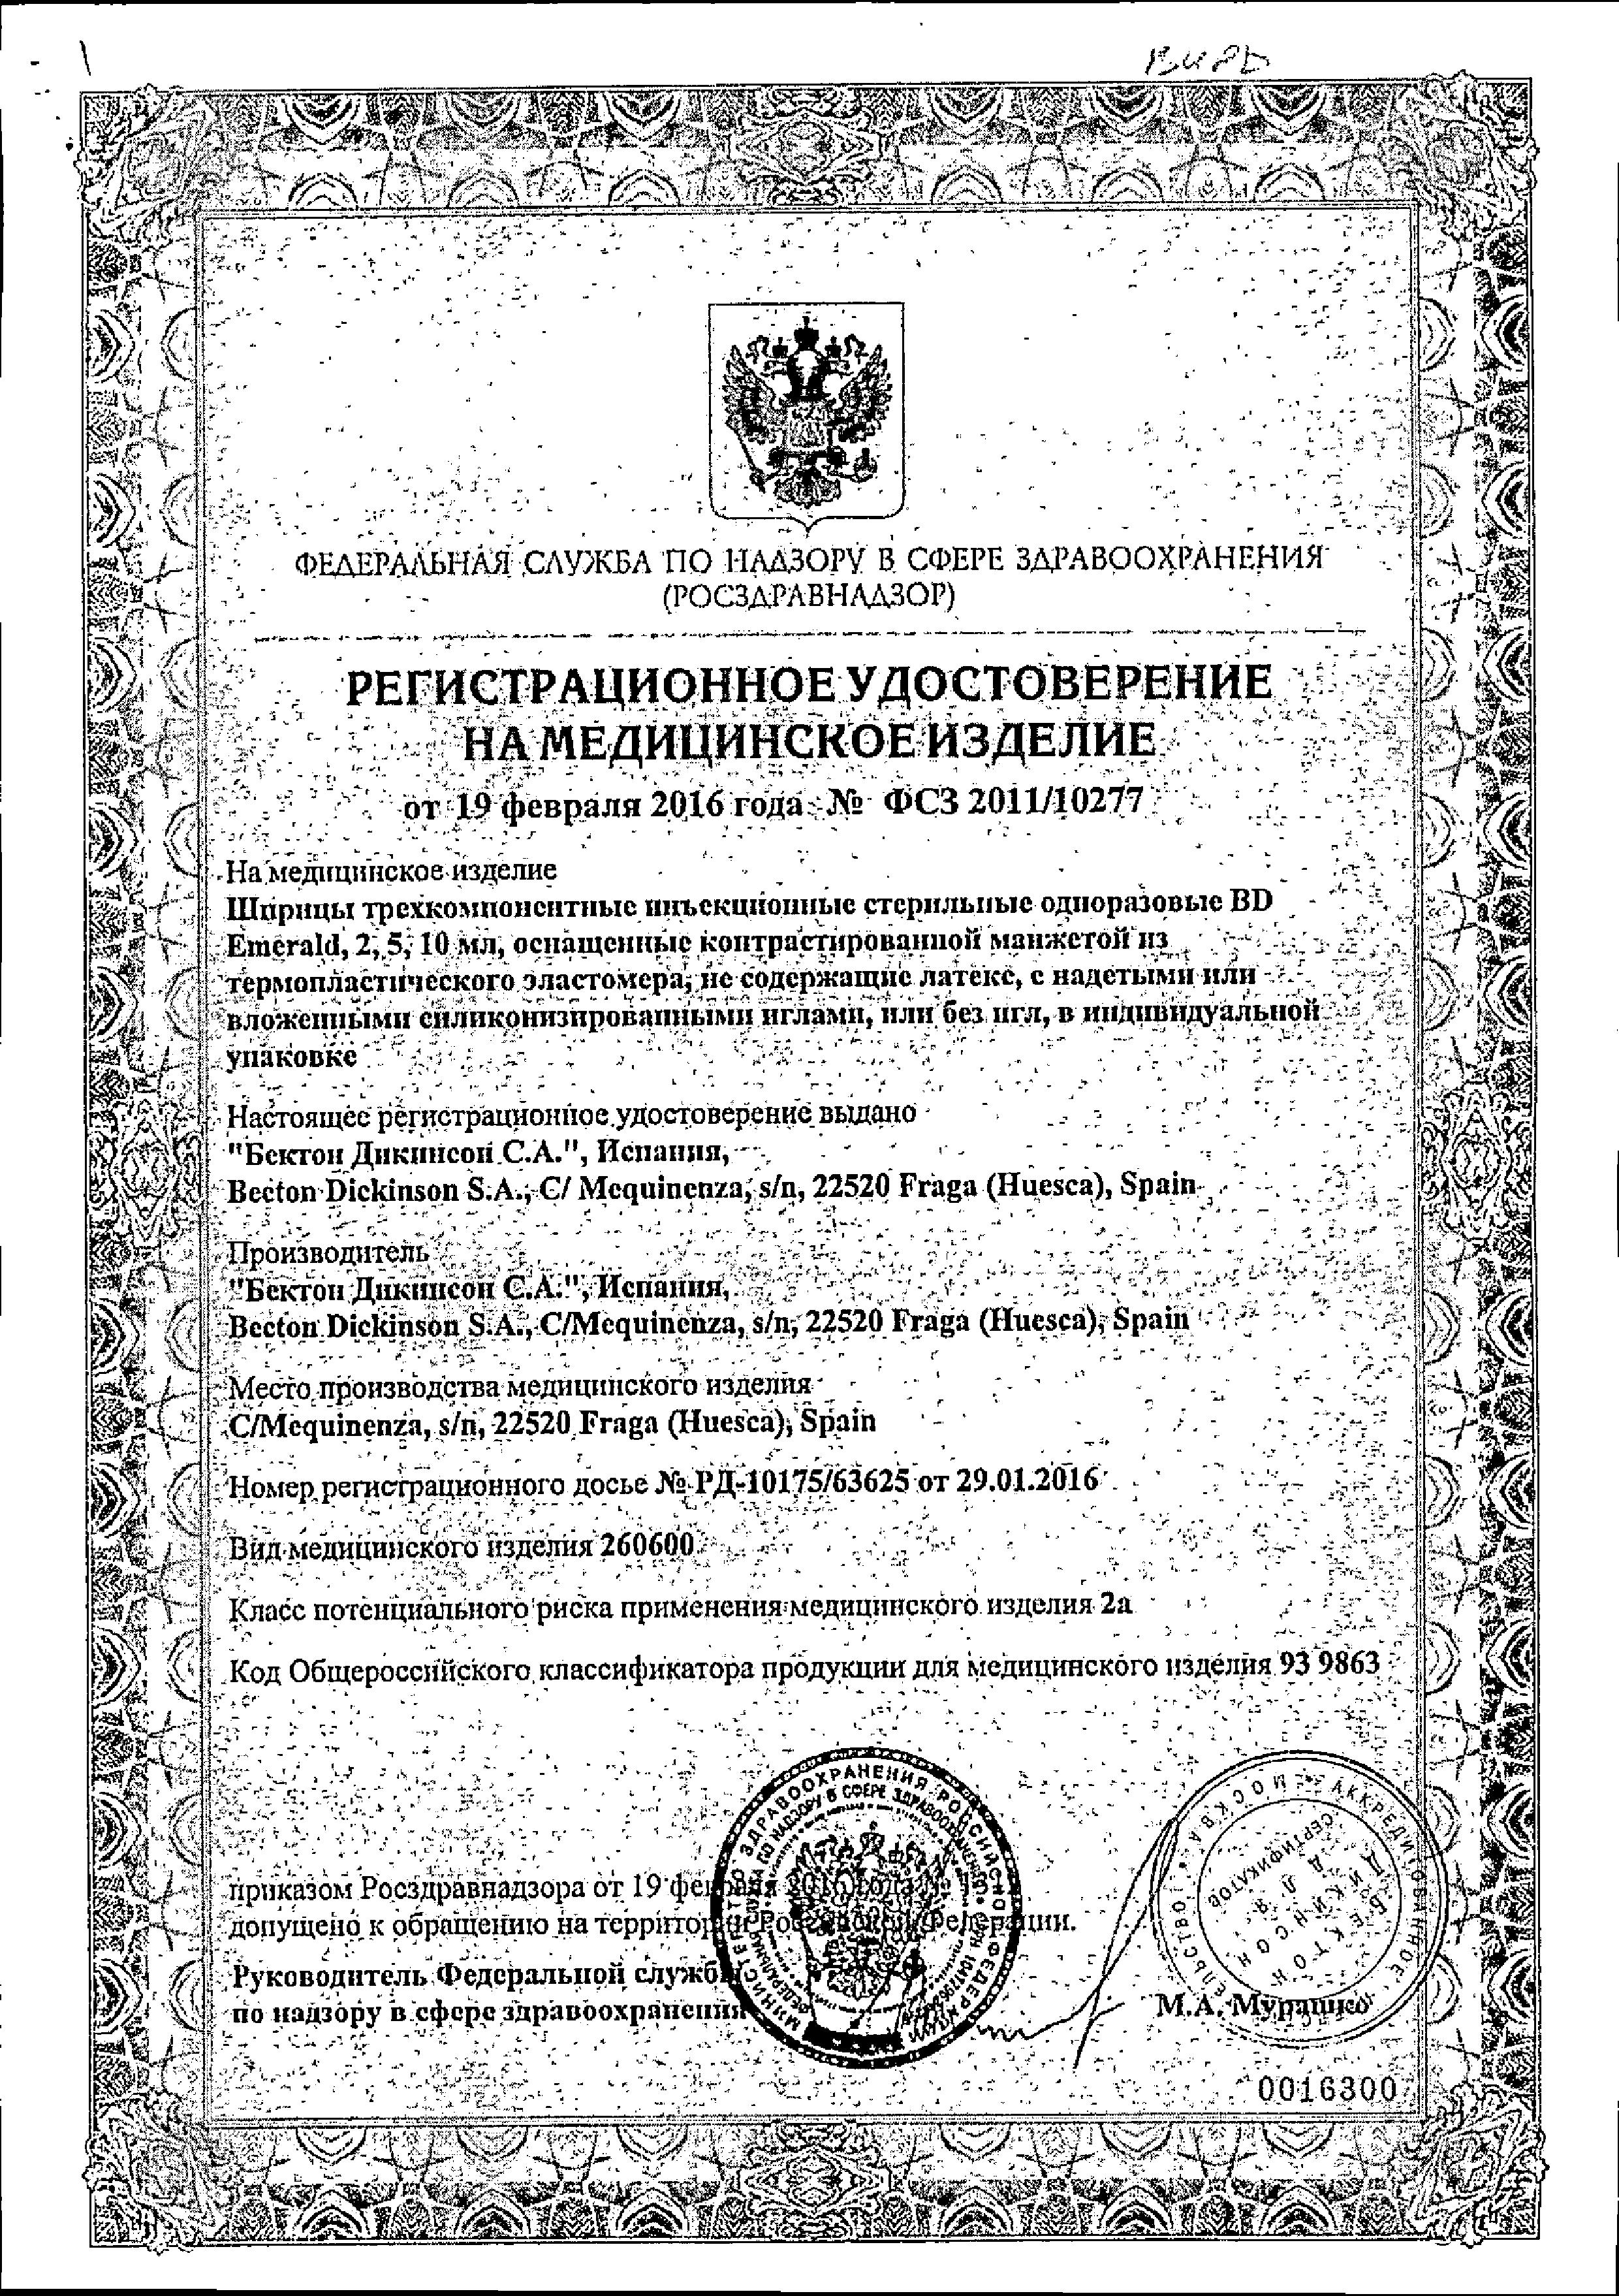 Шприц трехкомпонентный инъекционный одноразовый BD Emerald 2 мл сертификат